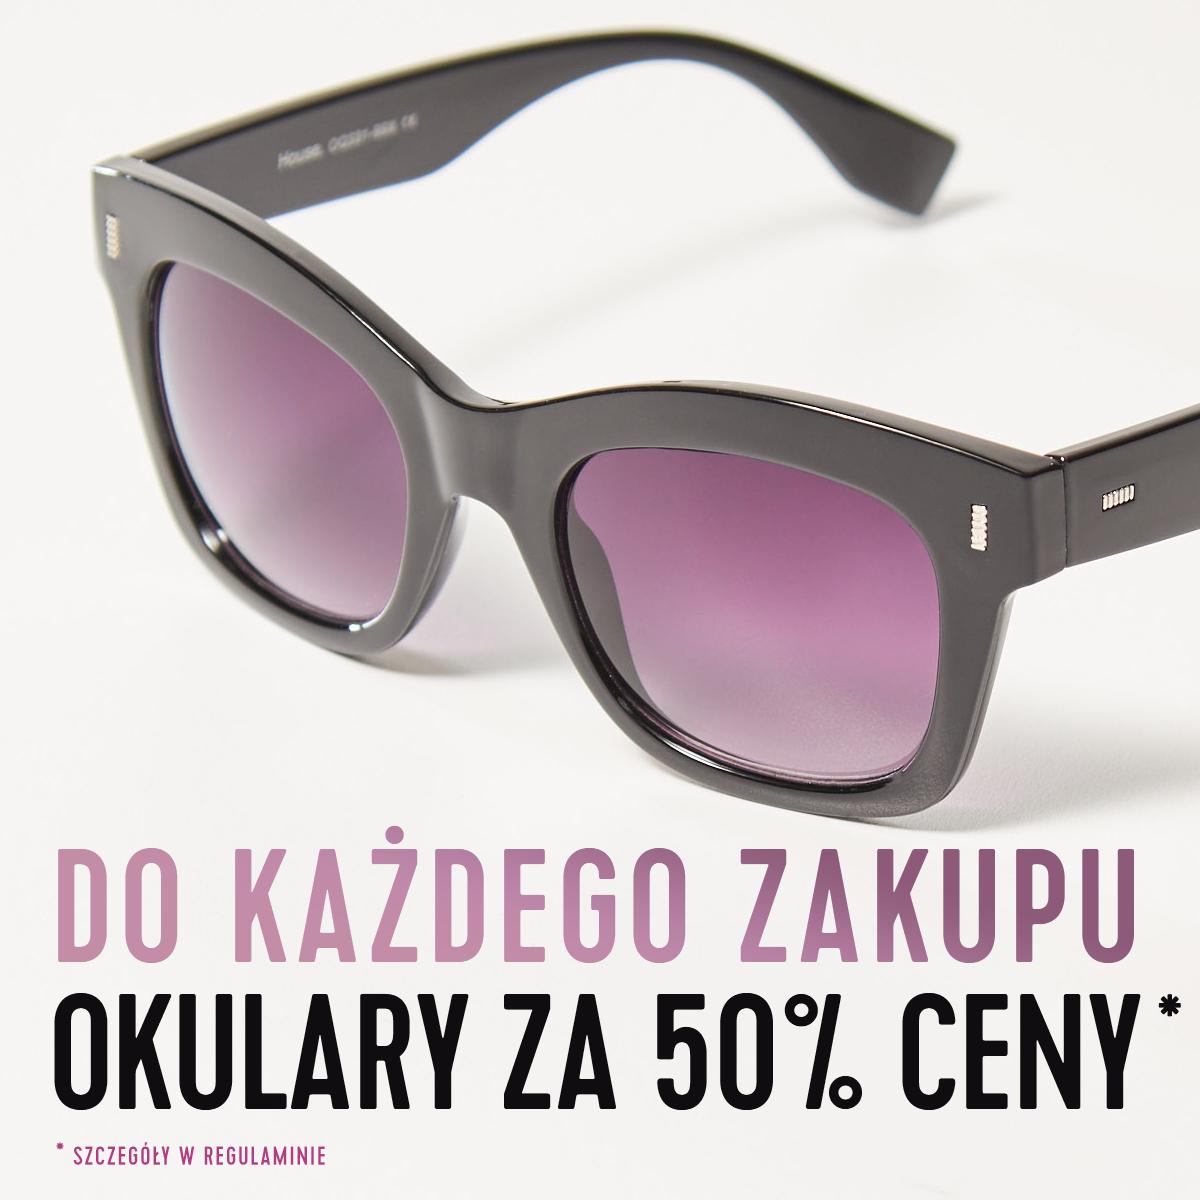 Do każdego zakupu okulary przeciwsłoneczne za pół ceny @ House